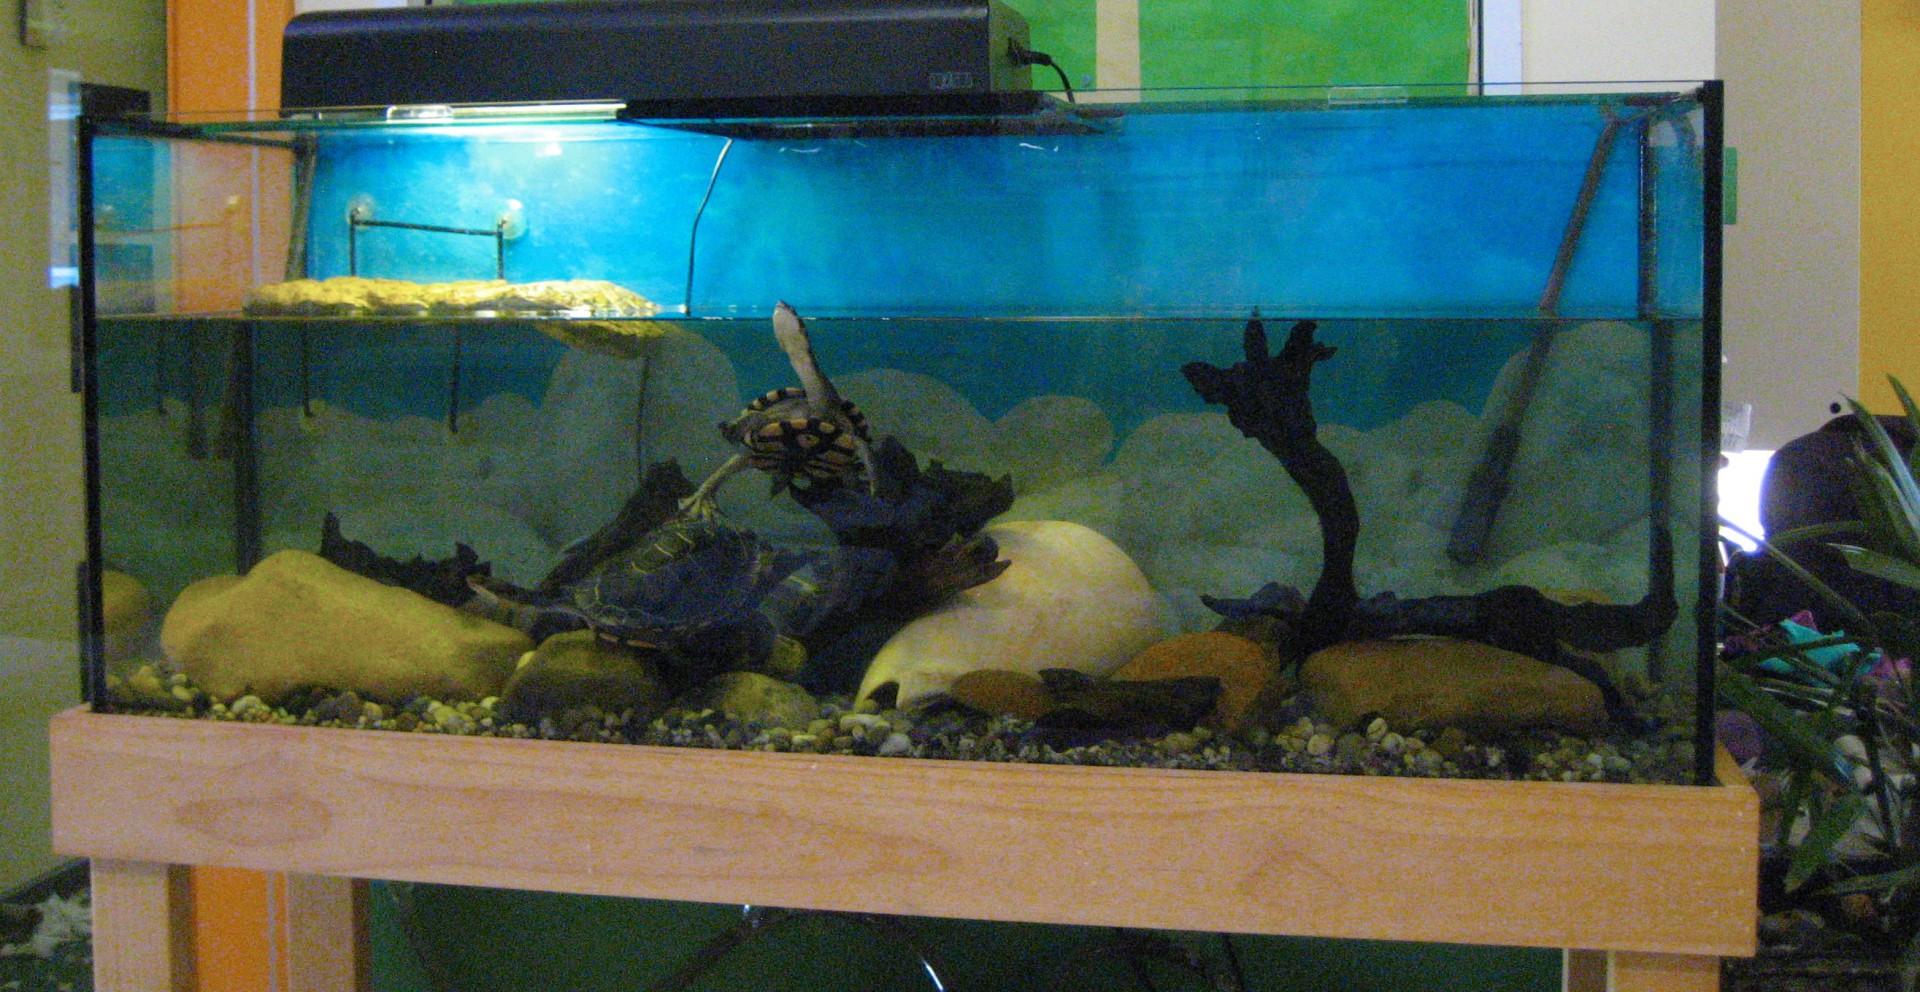 Turtle rapids